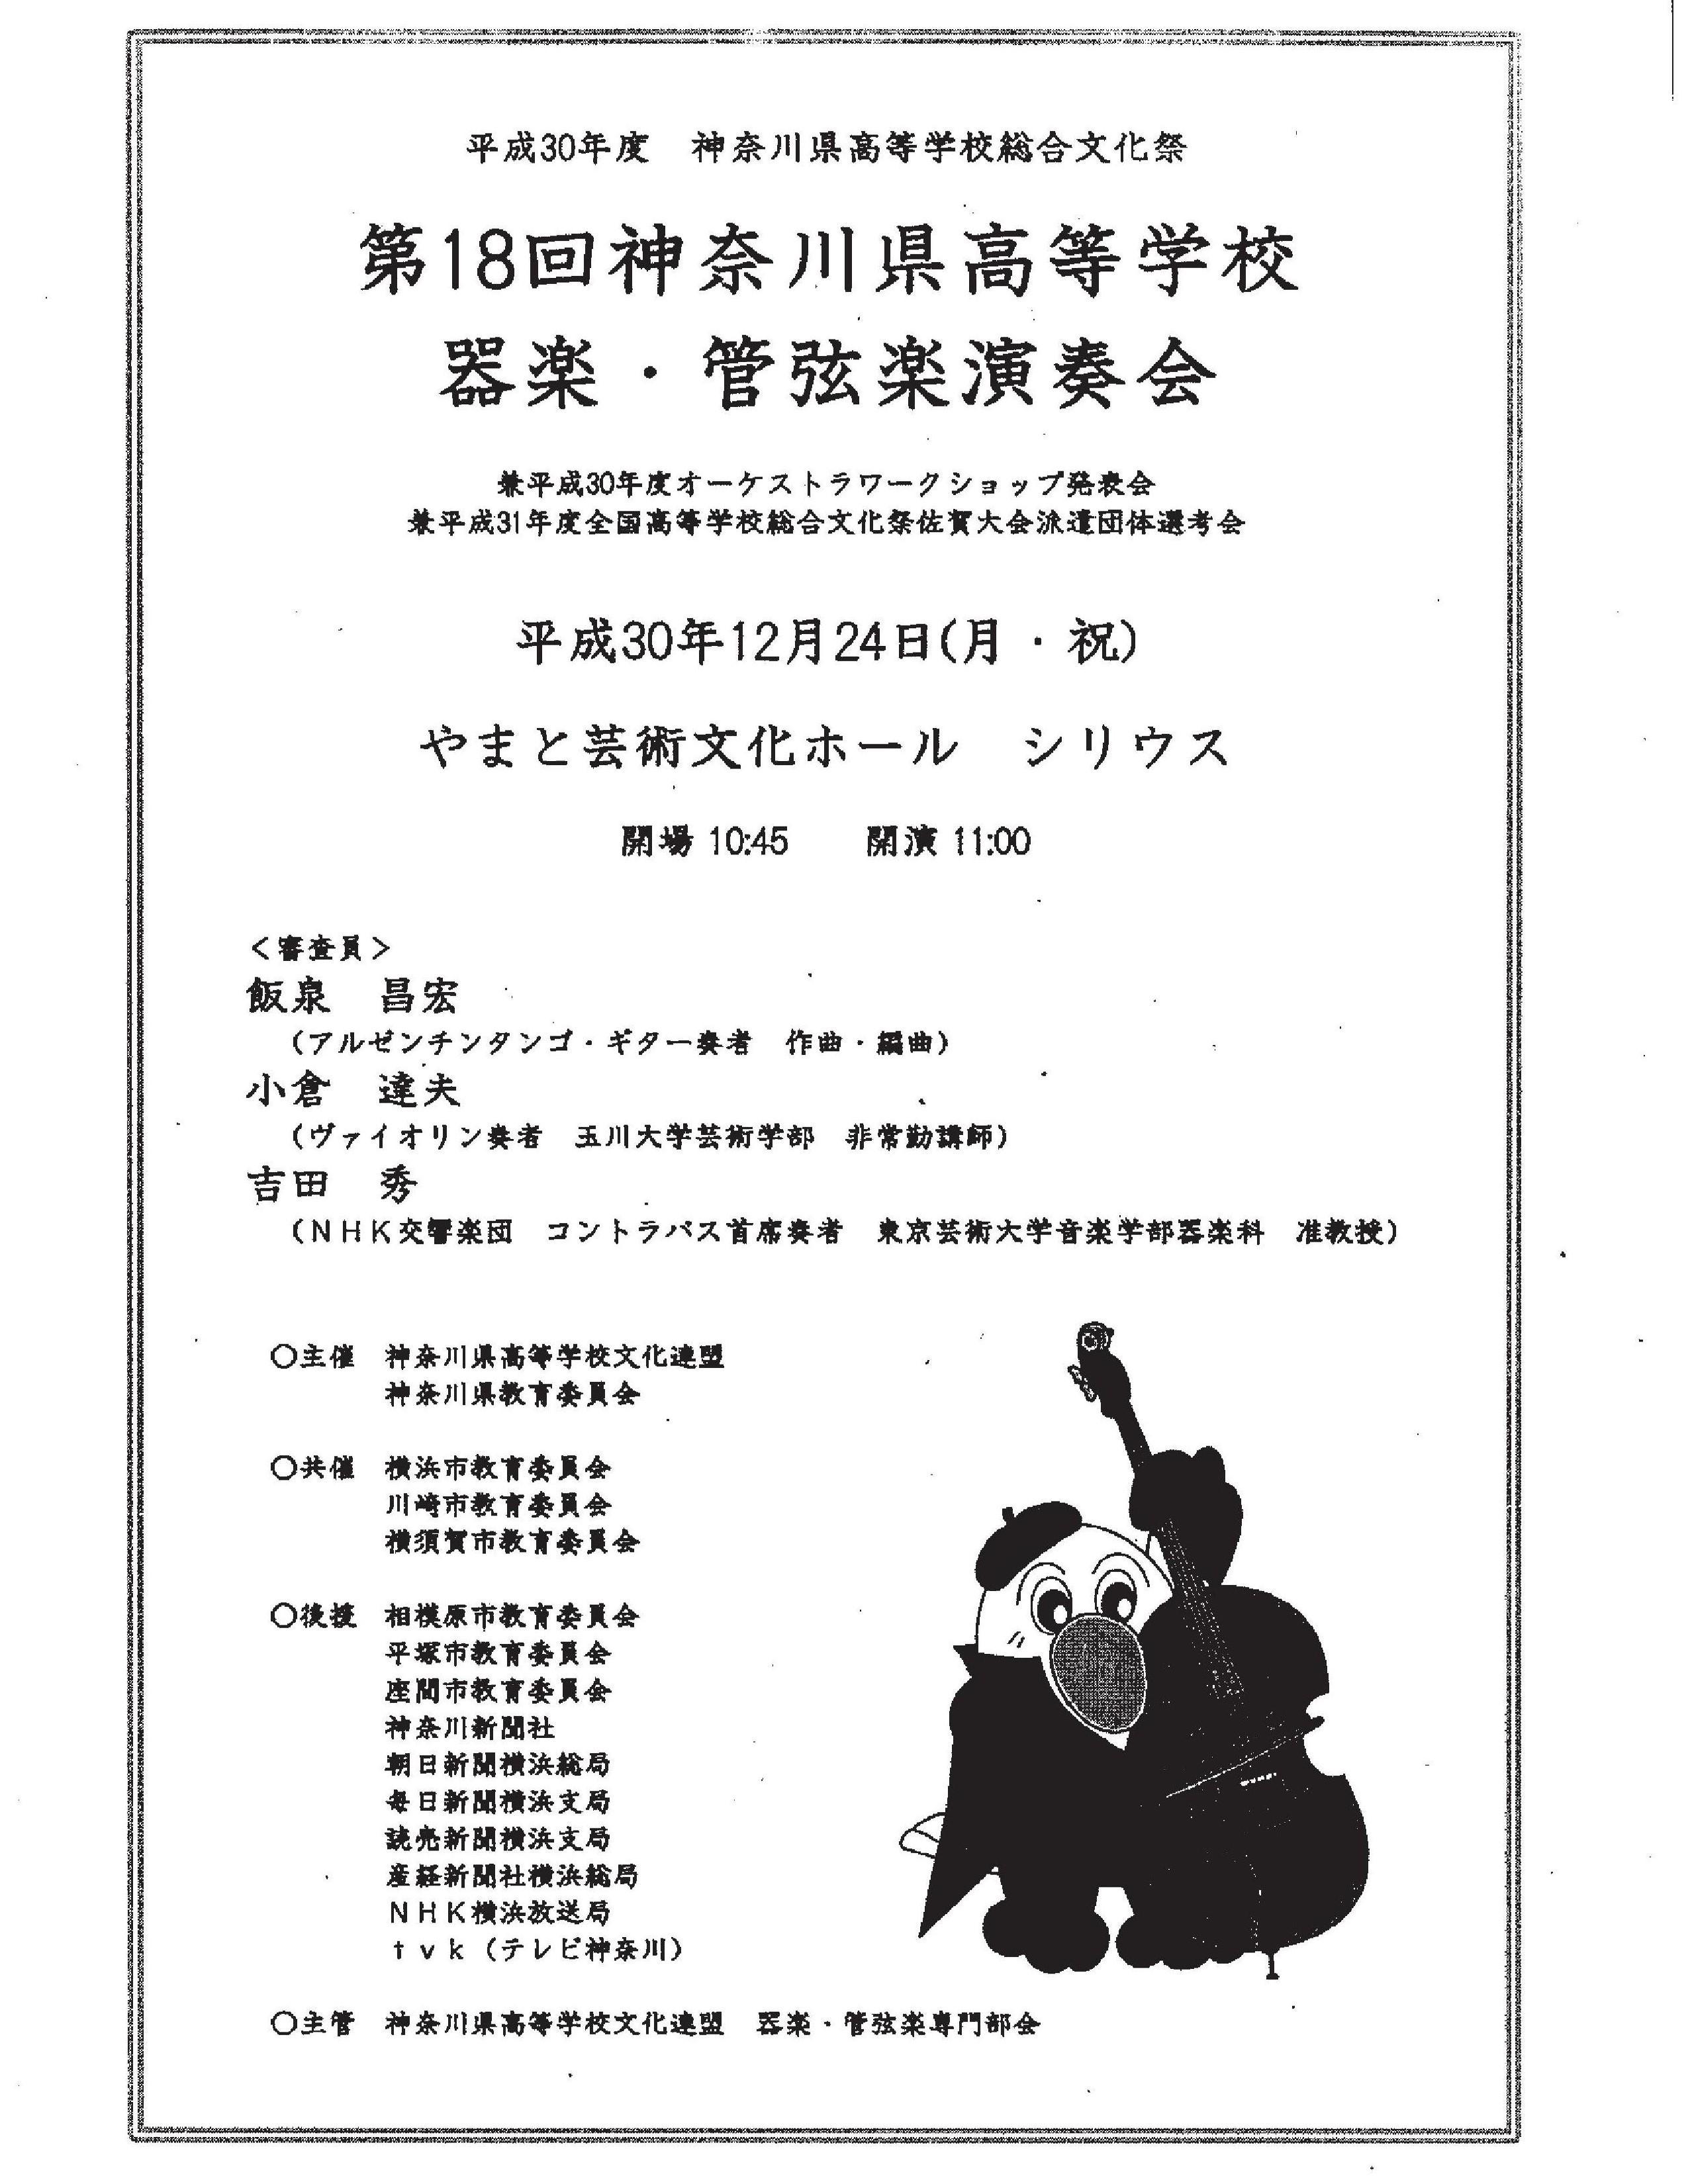 平成30(2018)年度 第18回高等学校器楽・管弦楽演奏会